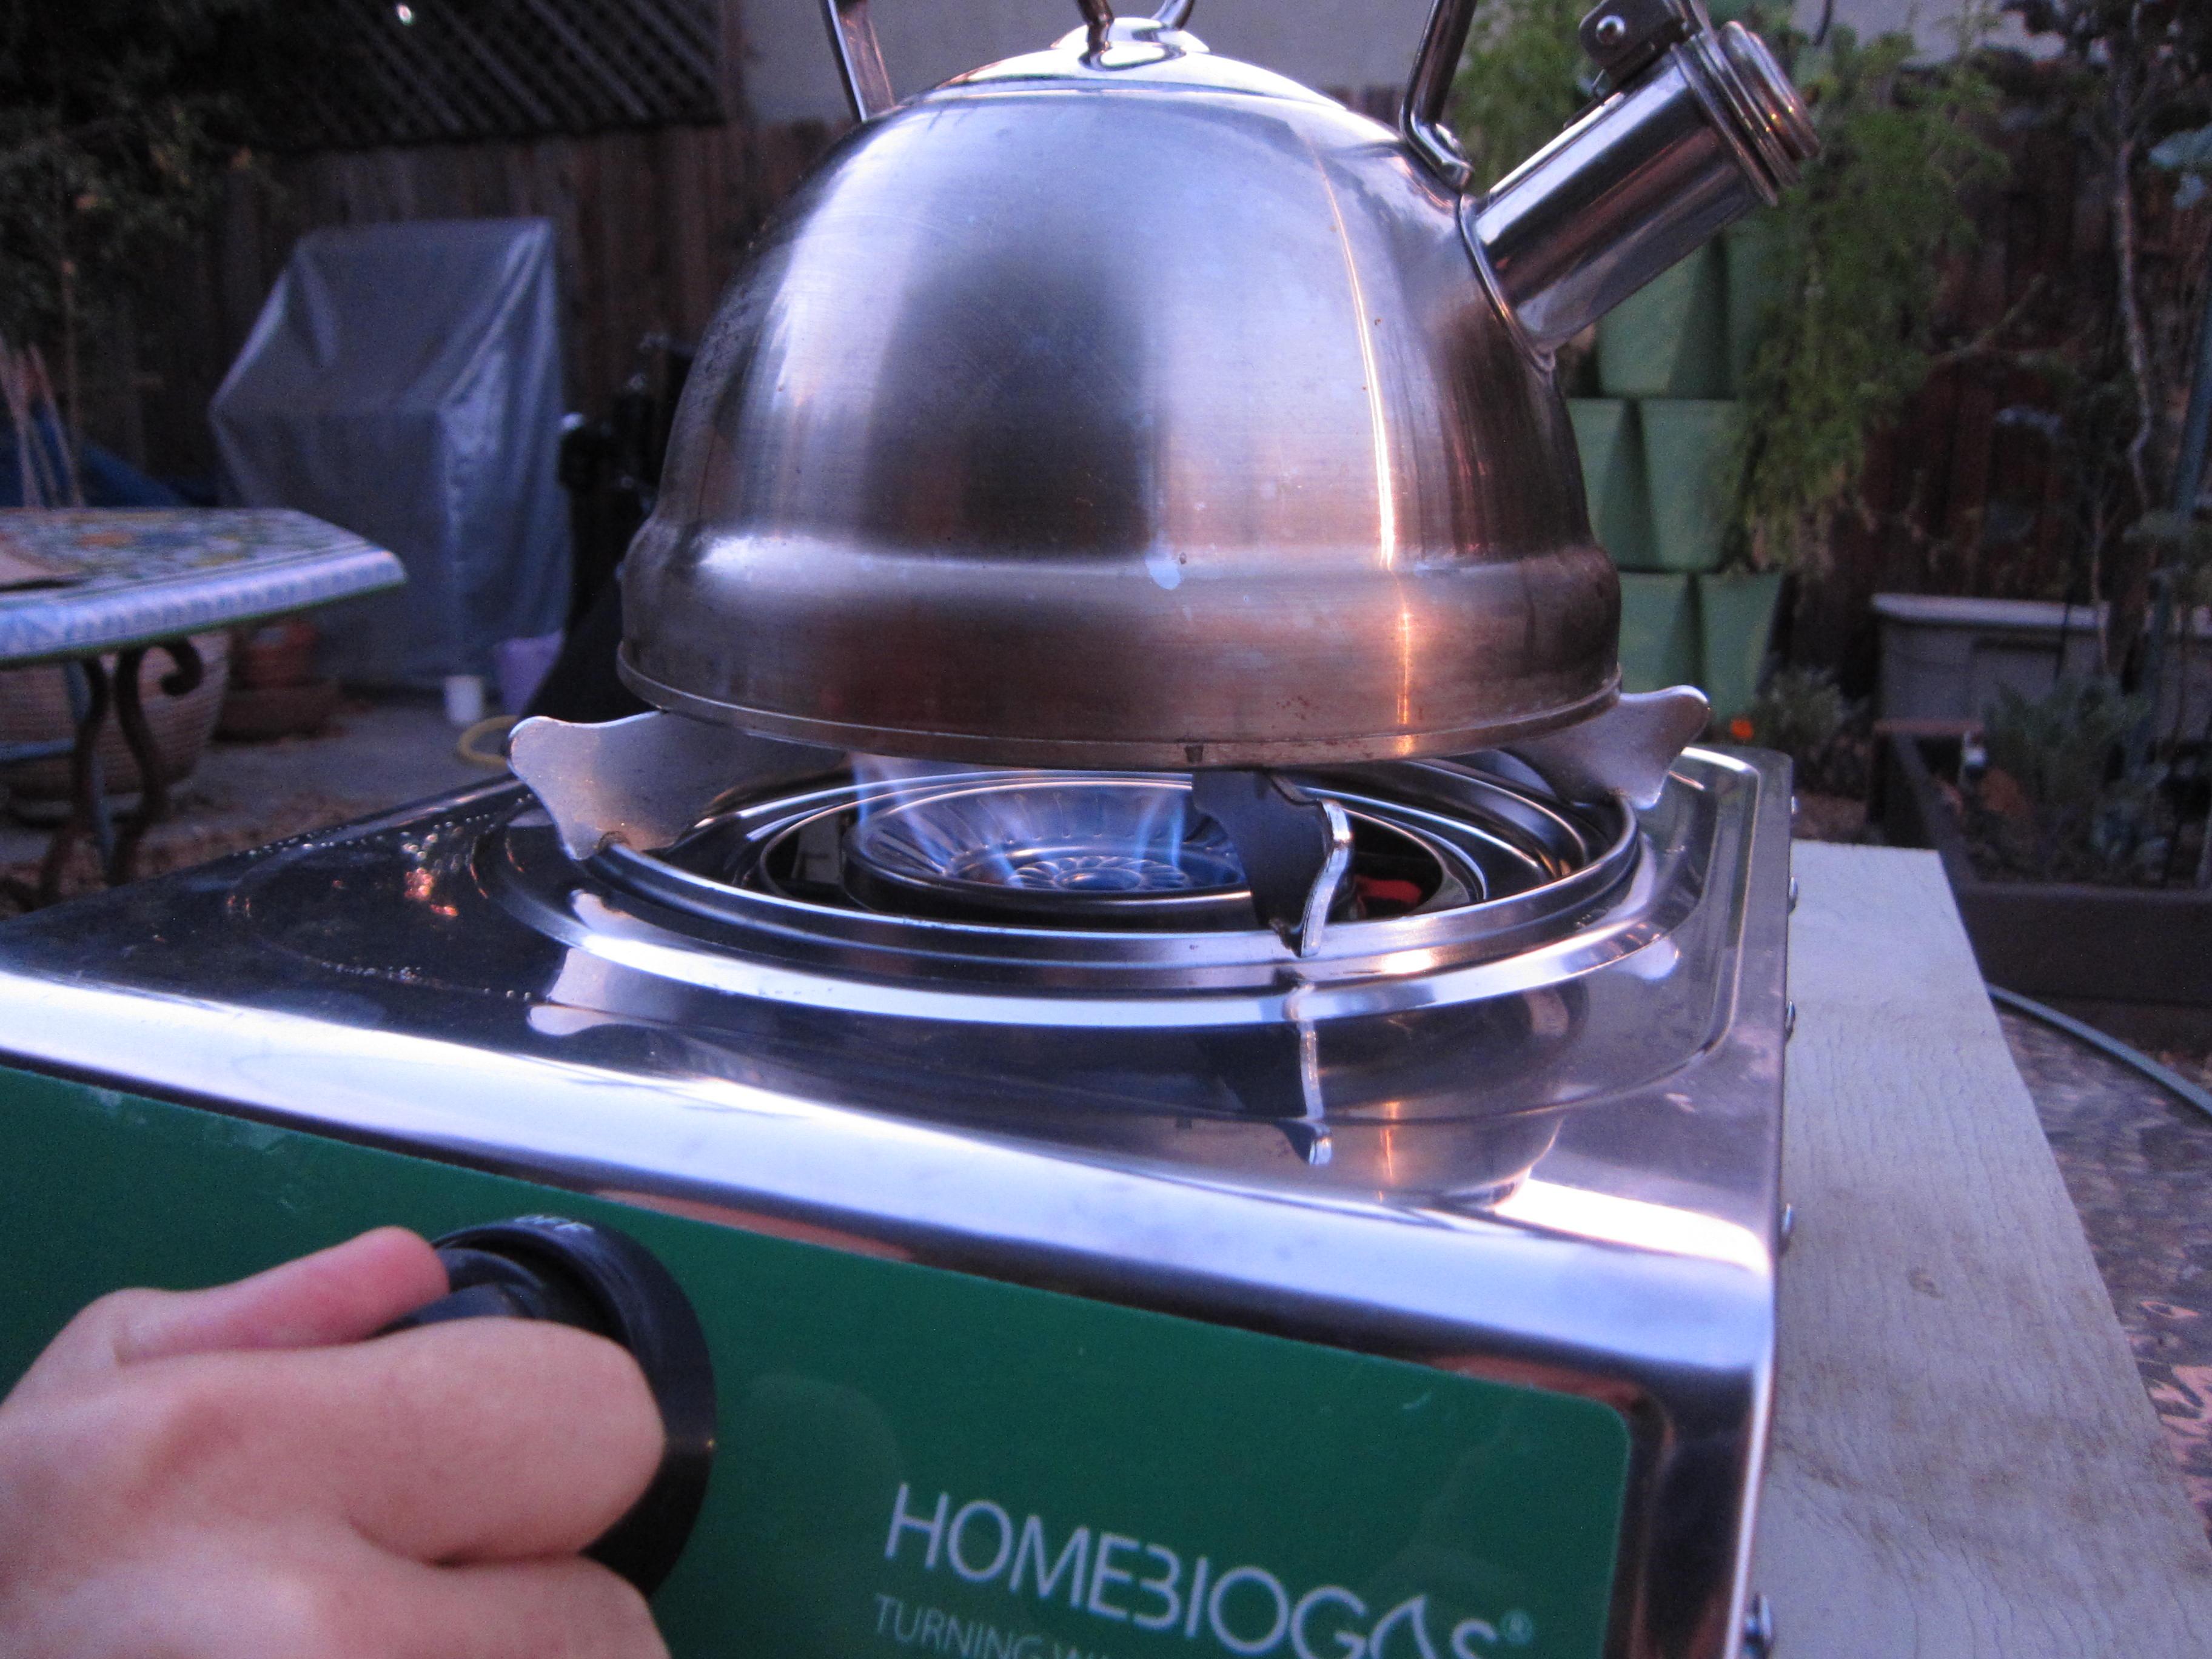 Home BioGas blue flame